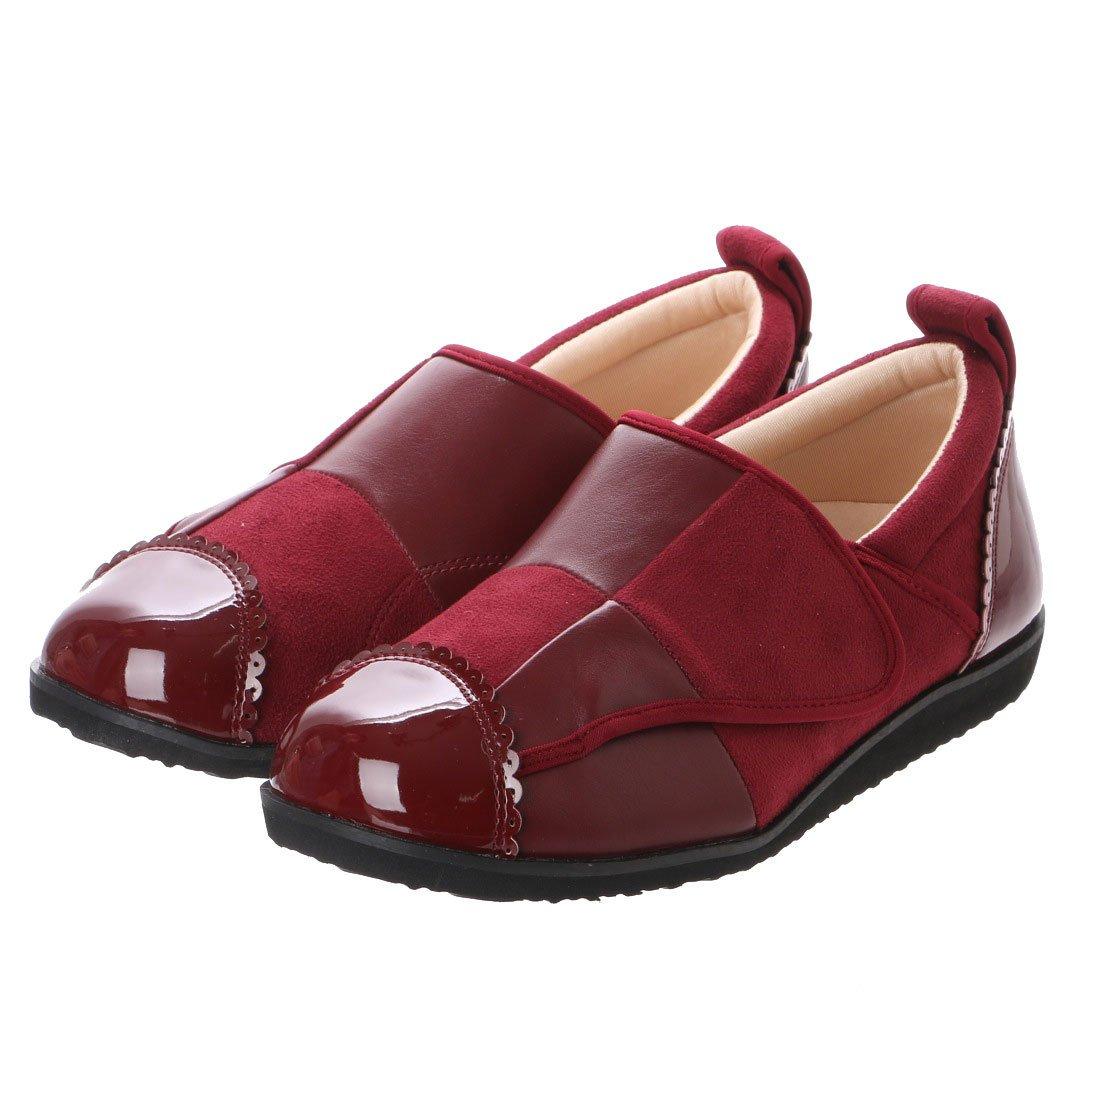 パネルデザインが足を立体的に包み込みます。(クラース)カノン 婦人靴 ウェルネスシューズ コンフォートシューズ B01N7T452L L(24cm~25cm)|ボルドー ボルドー L(24cm~25cm)